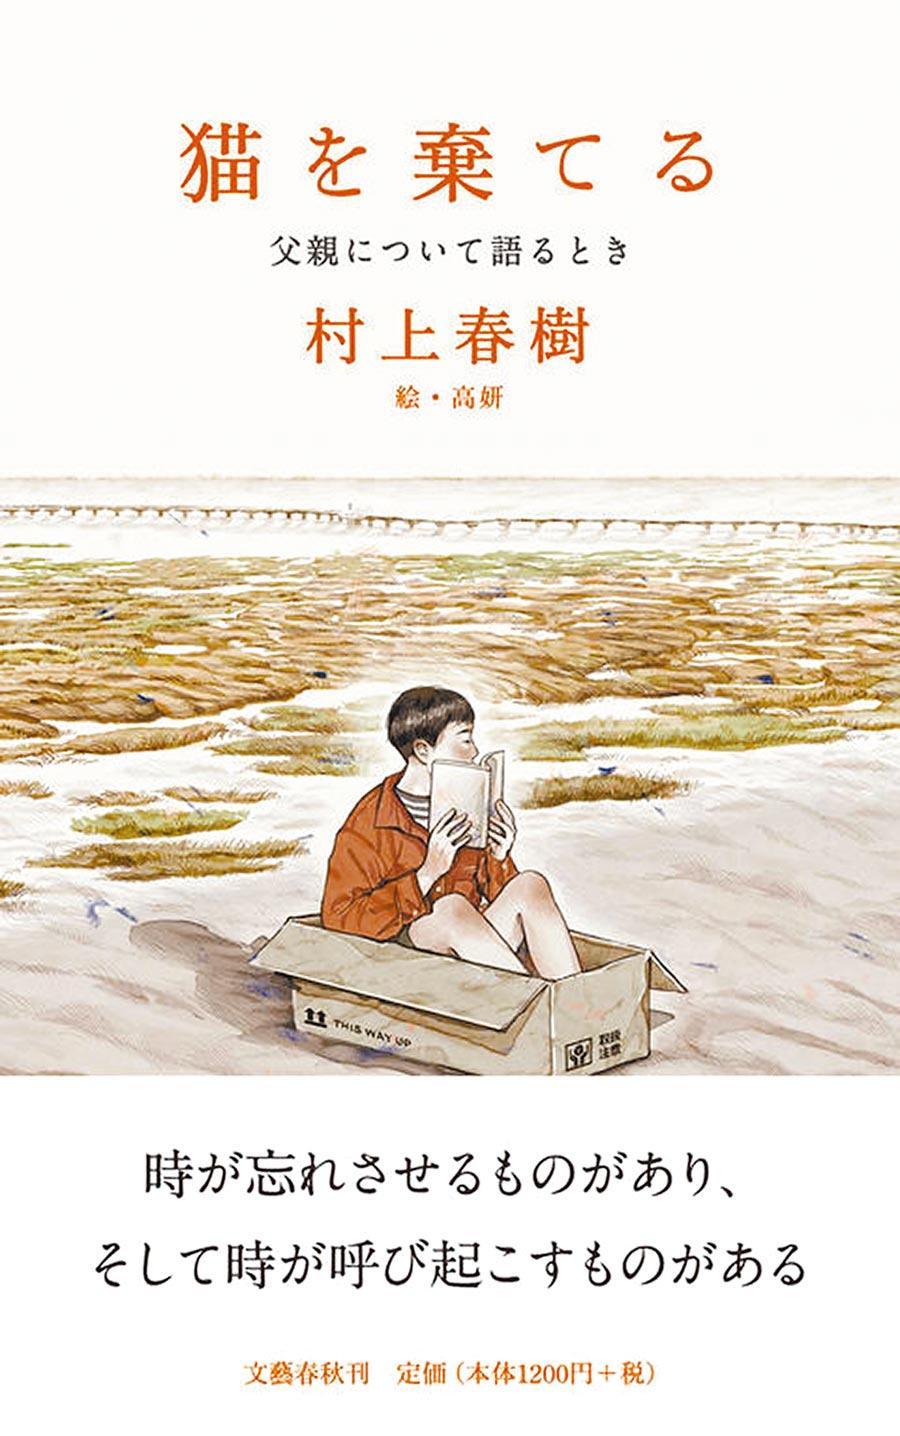 台灣漫畫家高妍為日本作家村上春樹繪製新作封面及書內插圖。(摘自《文藝春秋》官網)